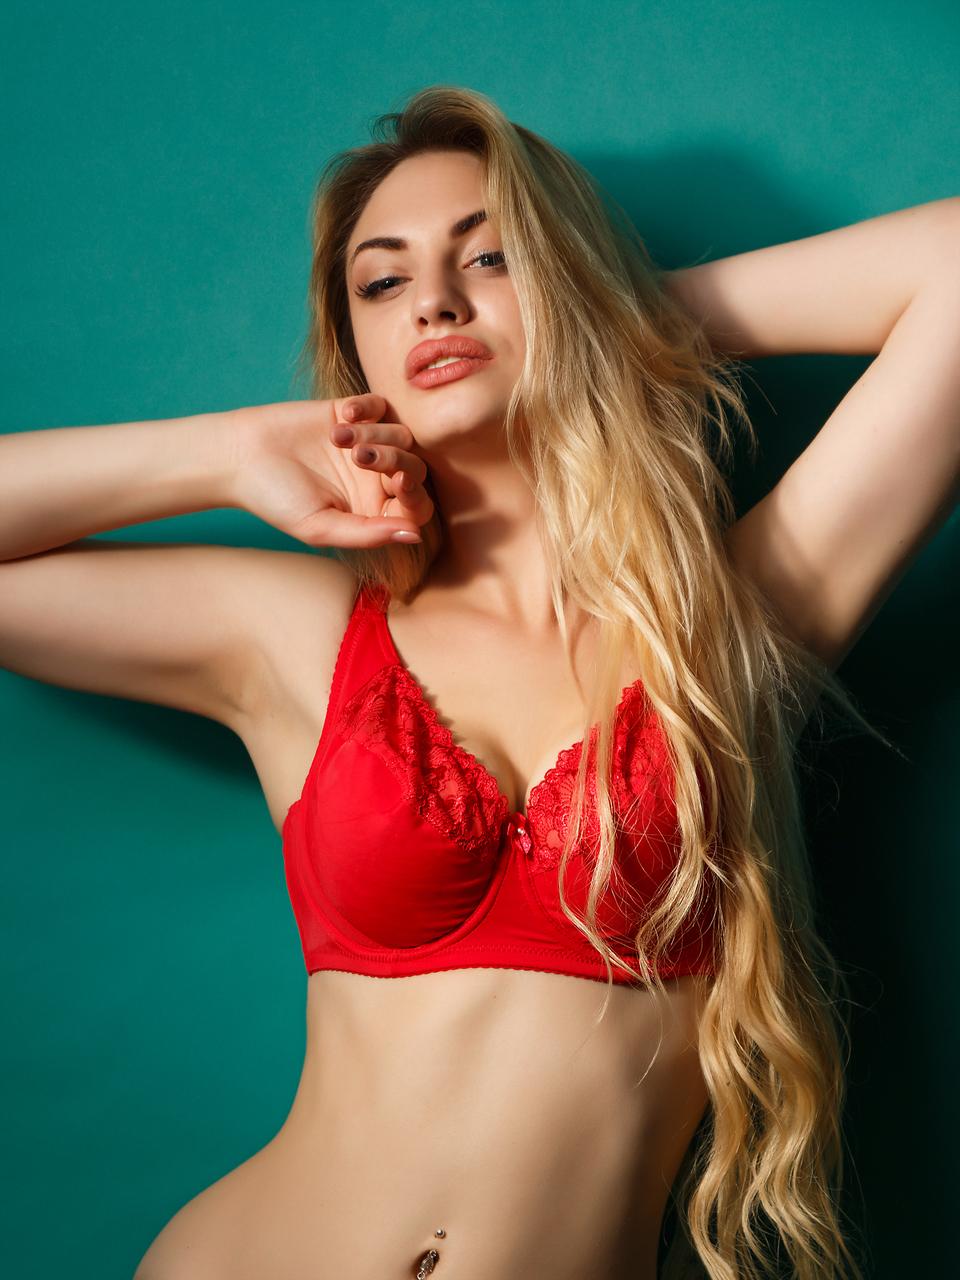 Бюстгальтер Diorella 38006D, цвет Красный, размер 80D